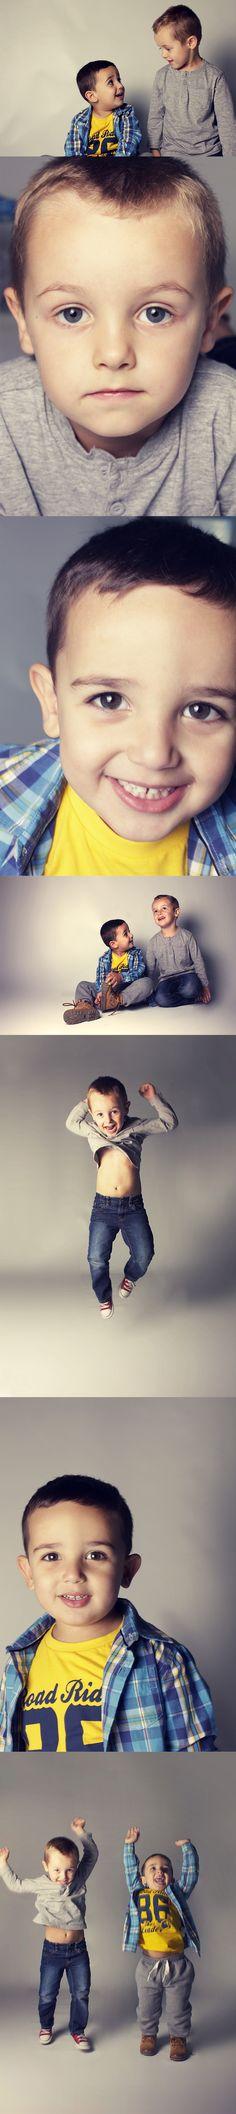 """Por fín, después de más de un año, hemos conseguido hacer alguna foto a la """"manteca"""" y Omar, madre mía que caos de casa, como es ese refrán... """" en casa de el herrero..."""", pues nosotras le llevamos a rajatabla."""